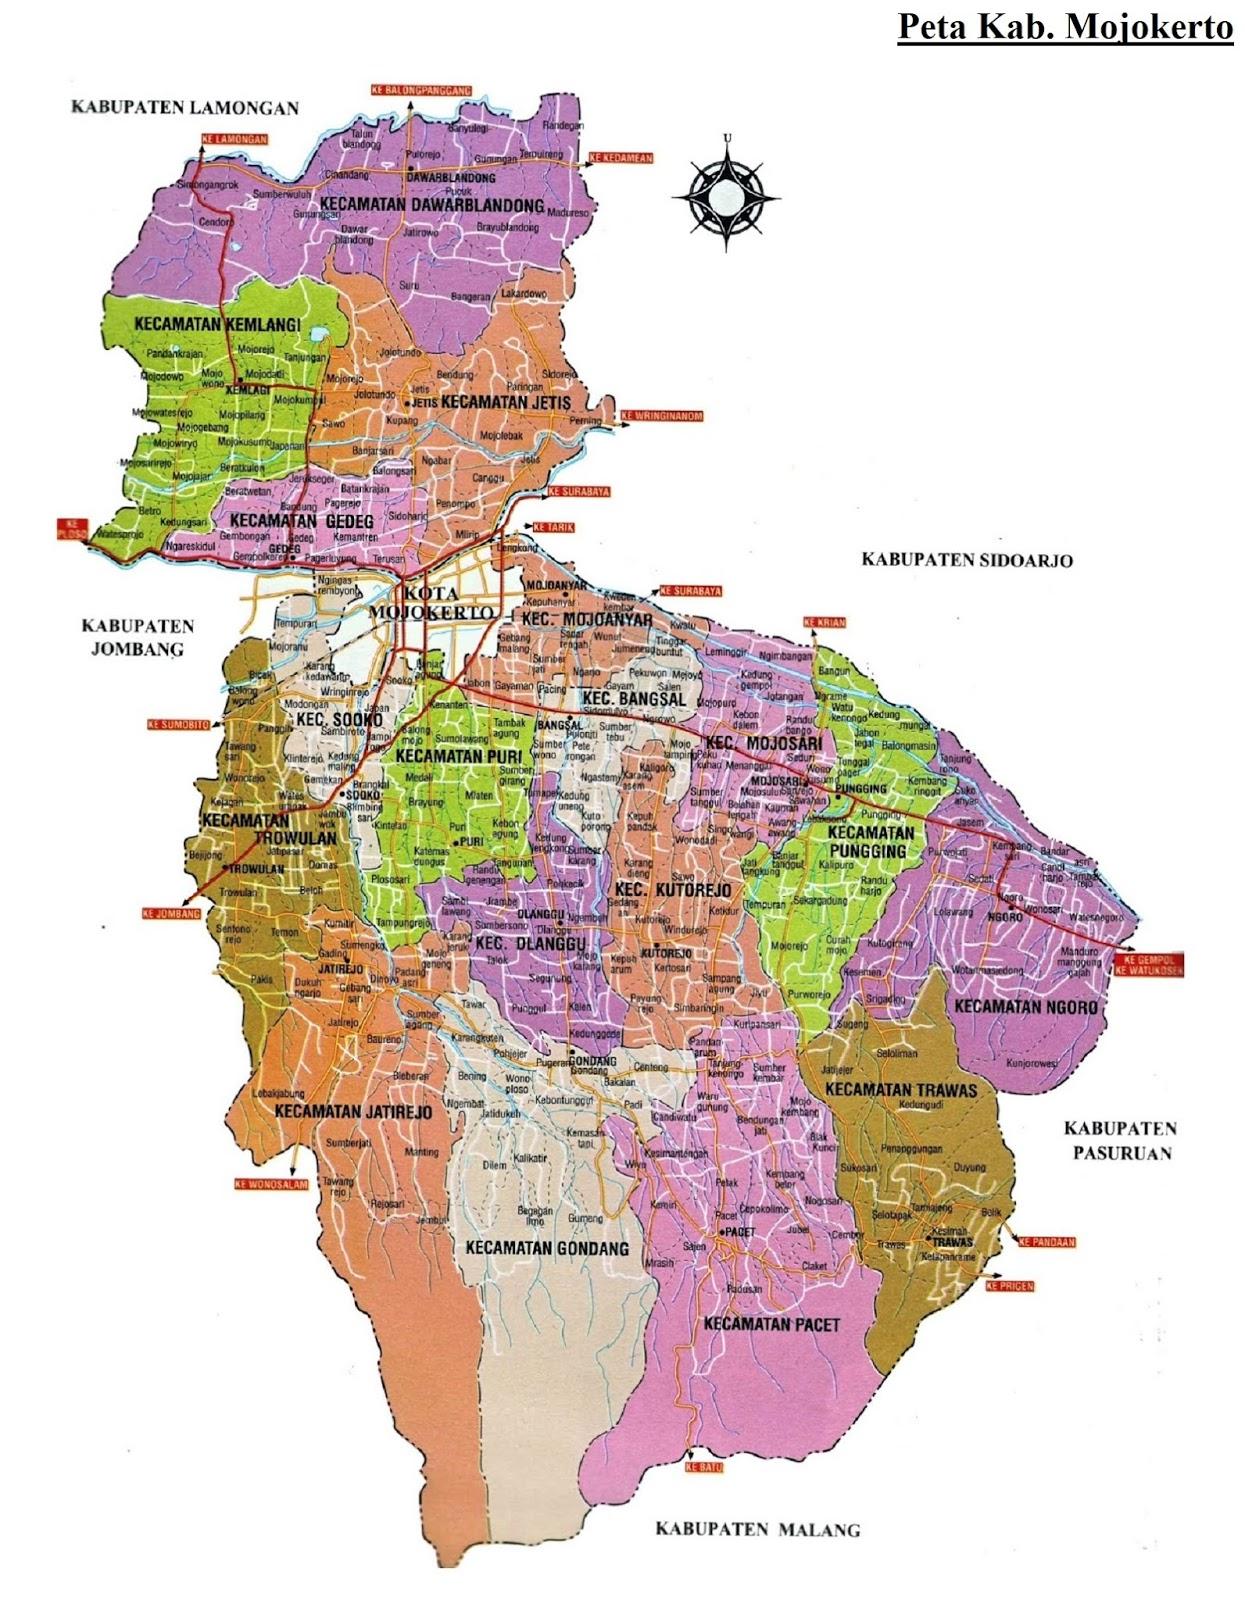 Peta Kabupaten Mojokerto